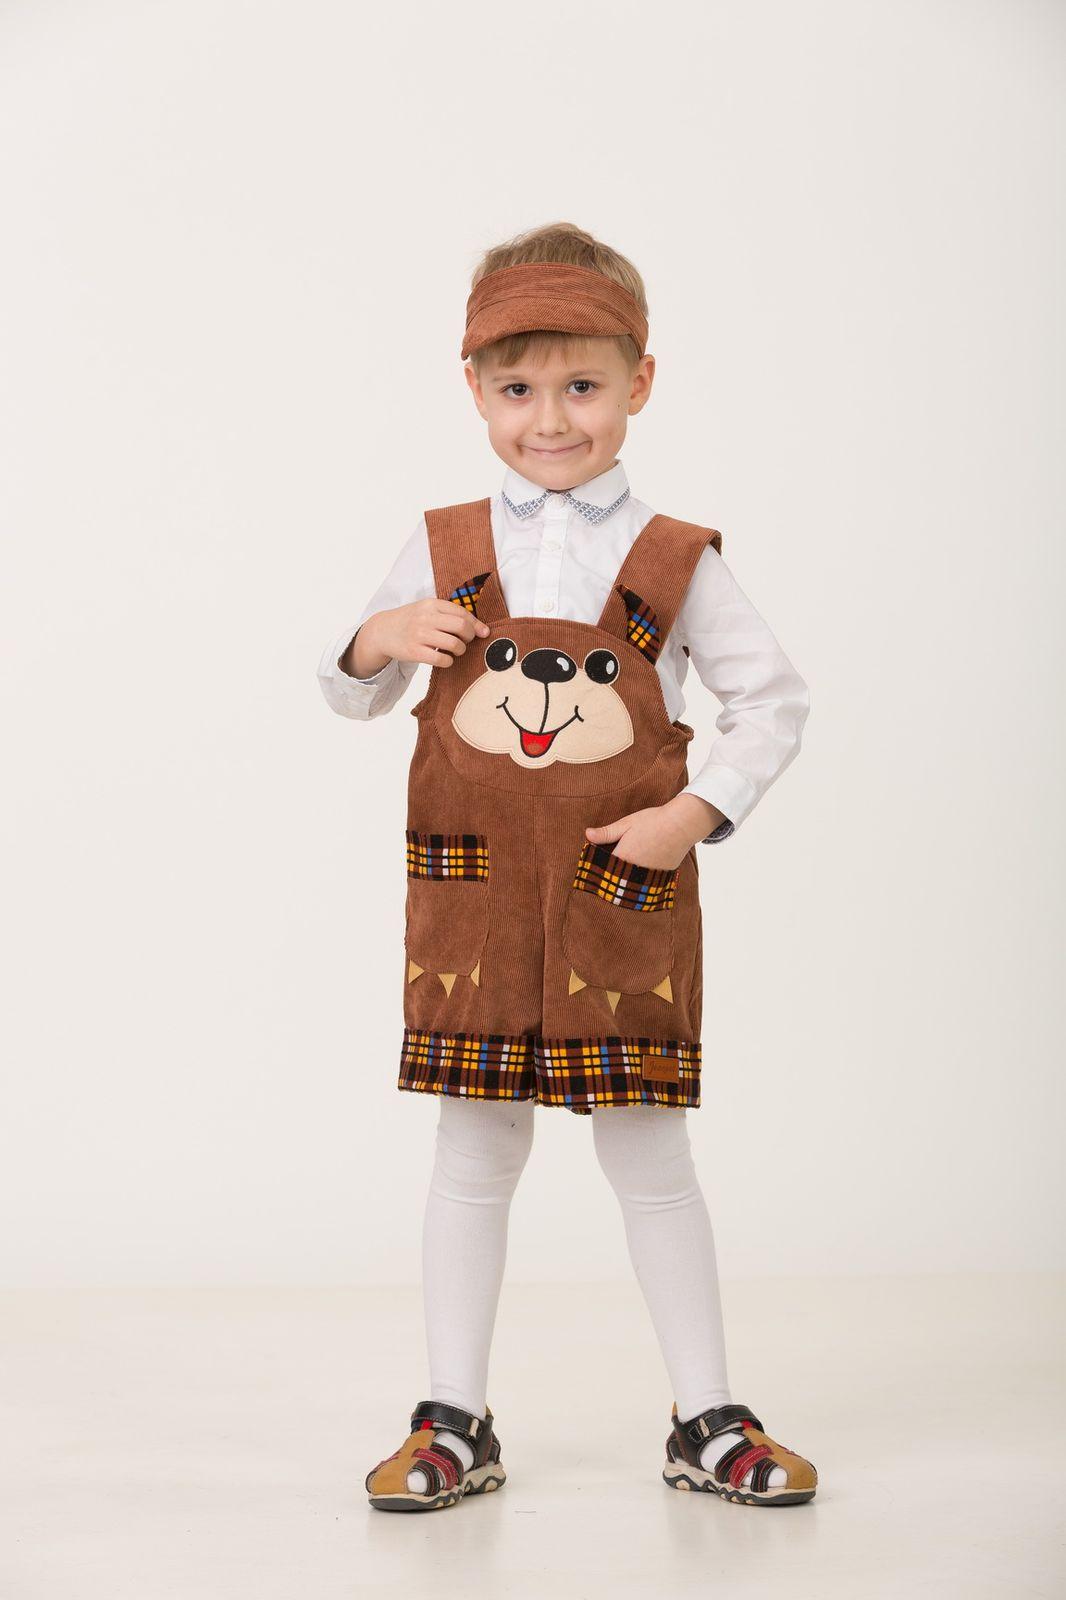 Карнавальный костюм Jeanees Медвежонок Топтыжкин, цвет: коричневый. Размер: 28 карнавальный костюм jeanees медвежонок топтыжкин цвет коричневый размер 28